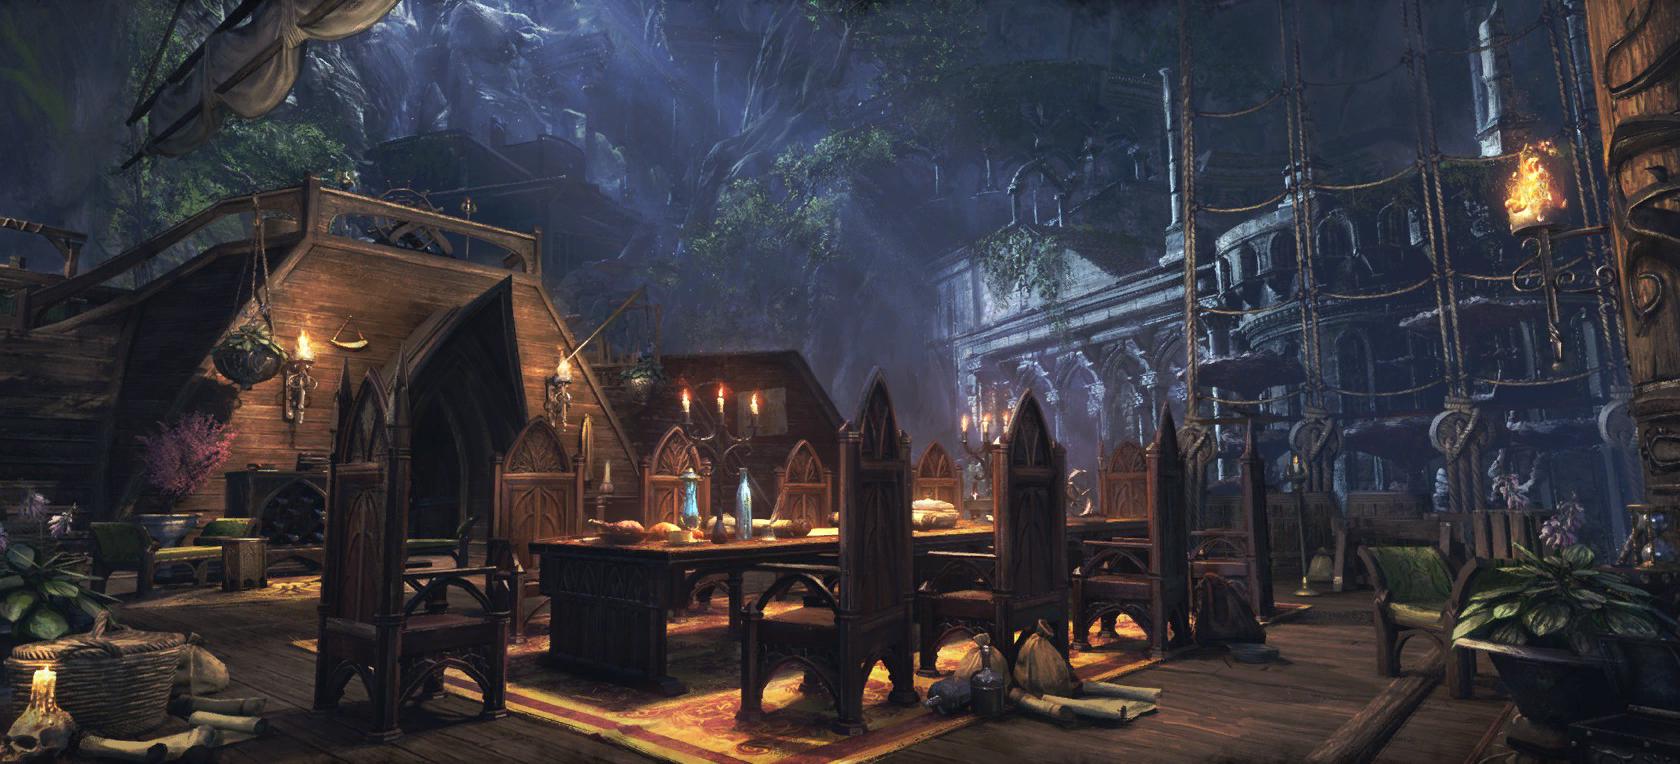 Colossal Aldmeri Grotto